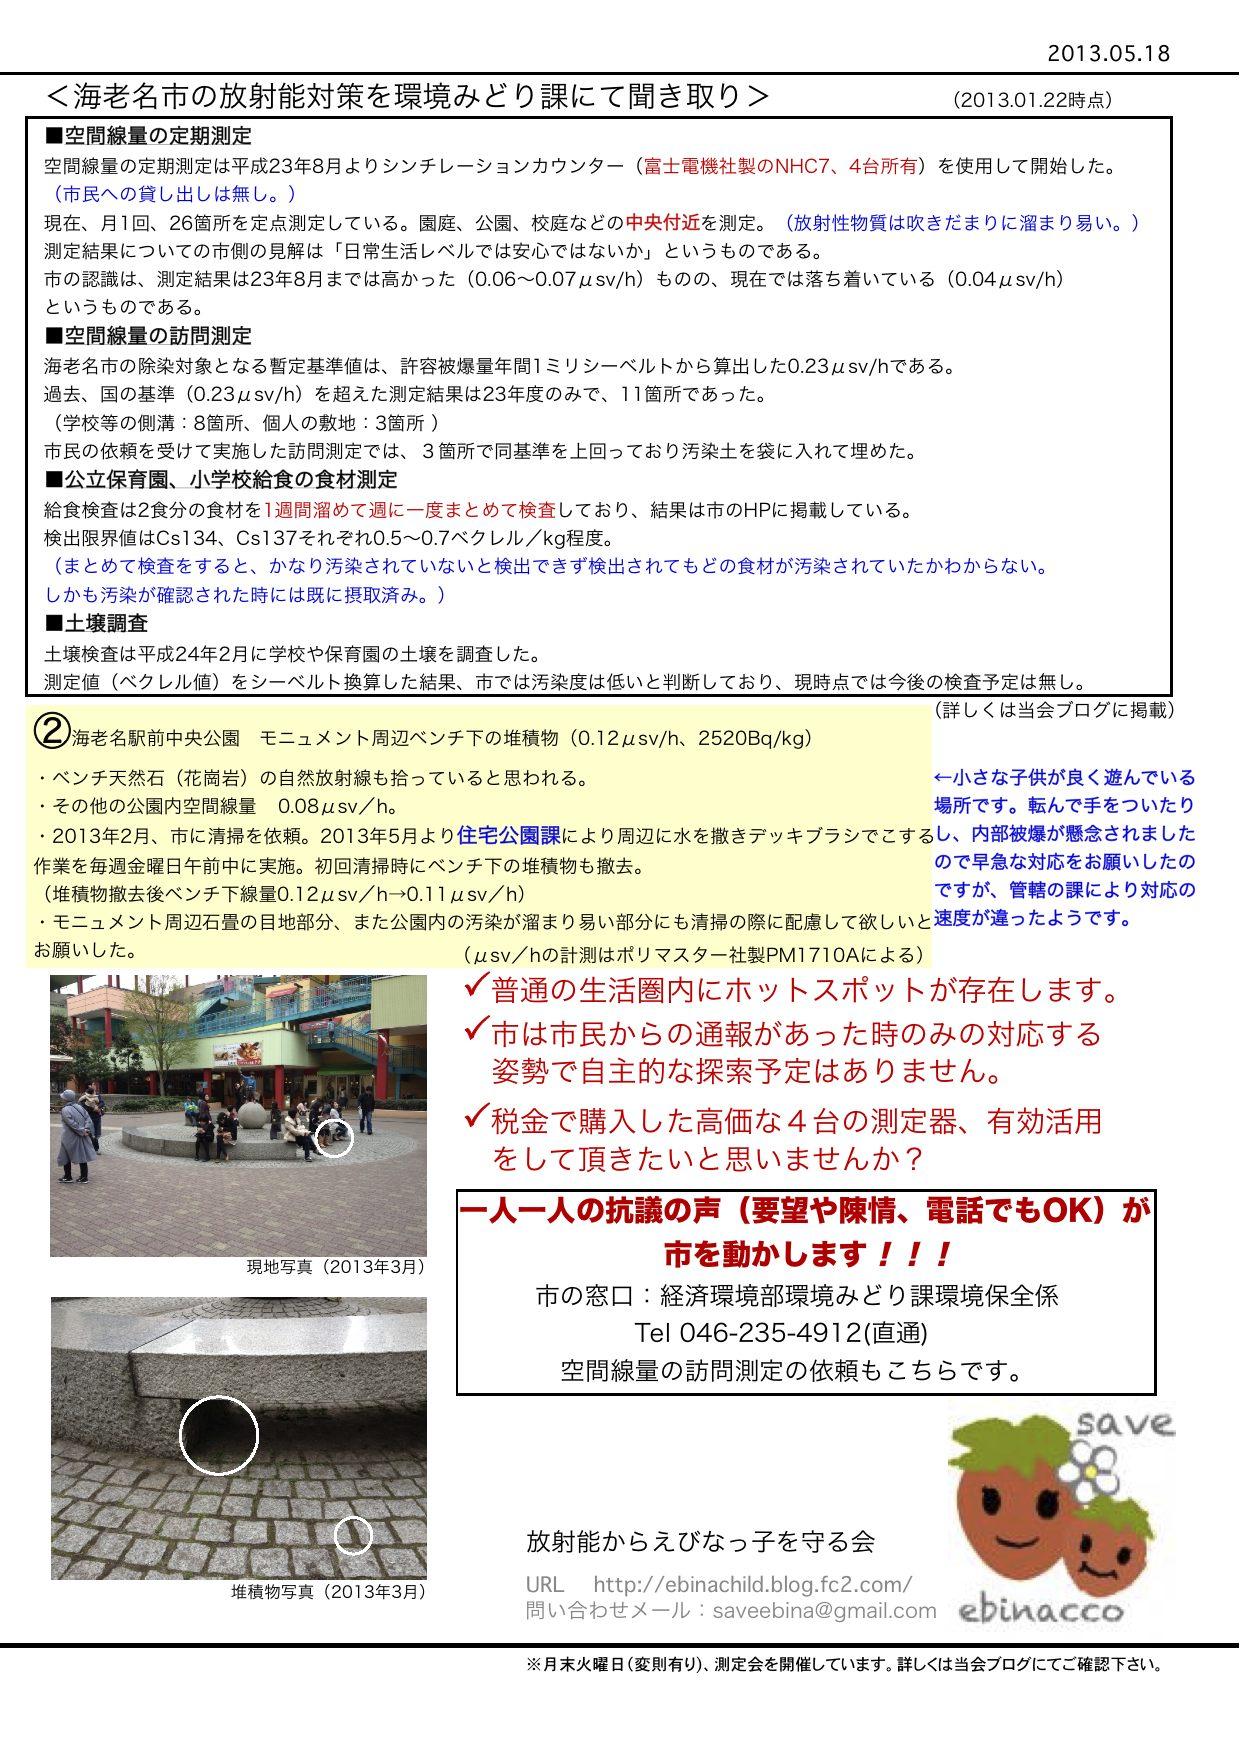 20130518えびなっ子 紙媒体A4②